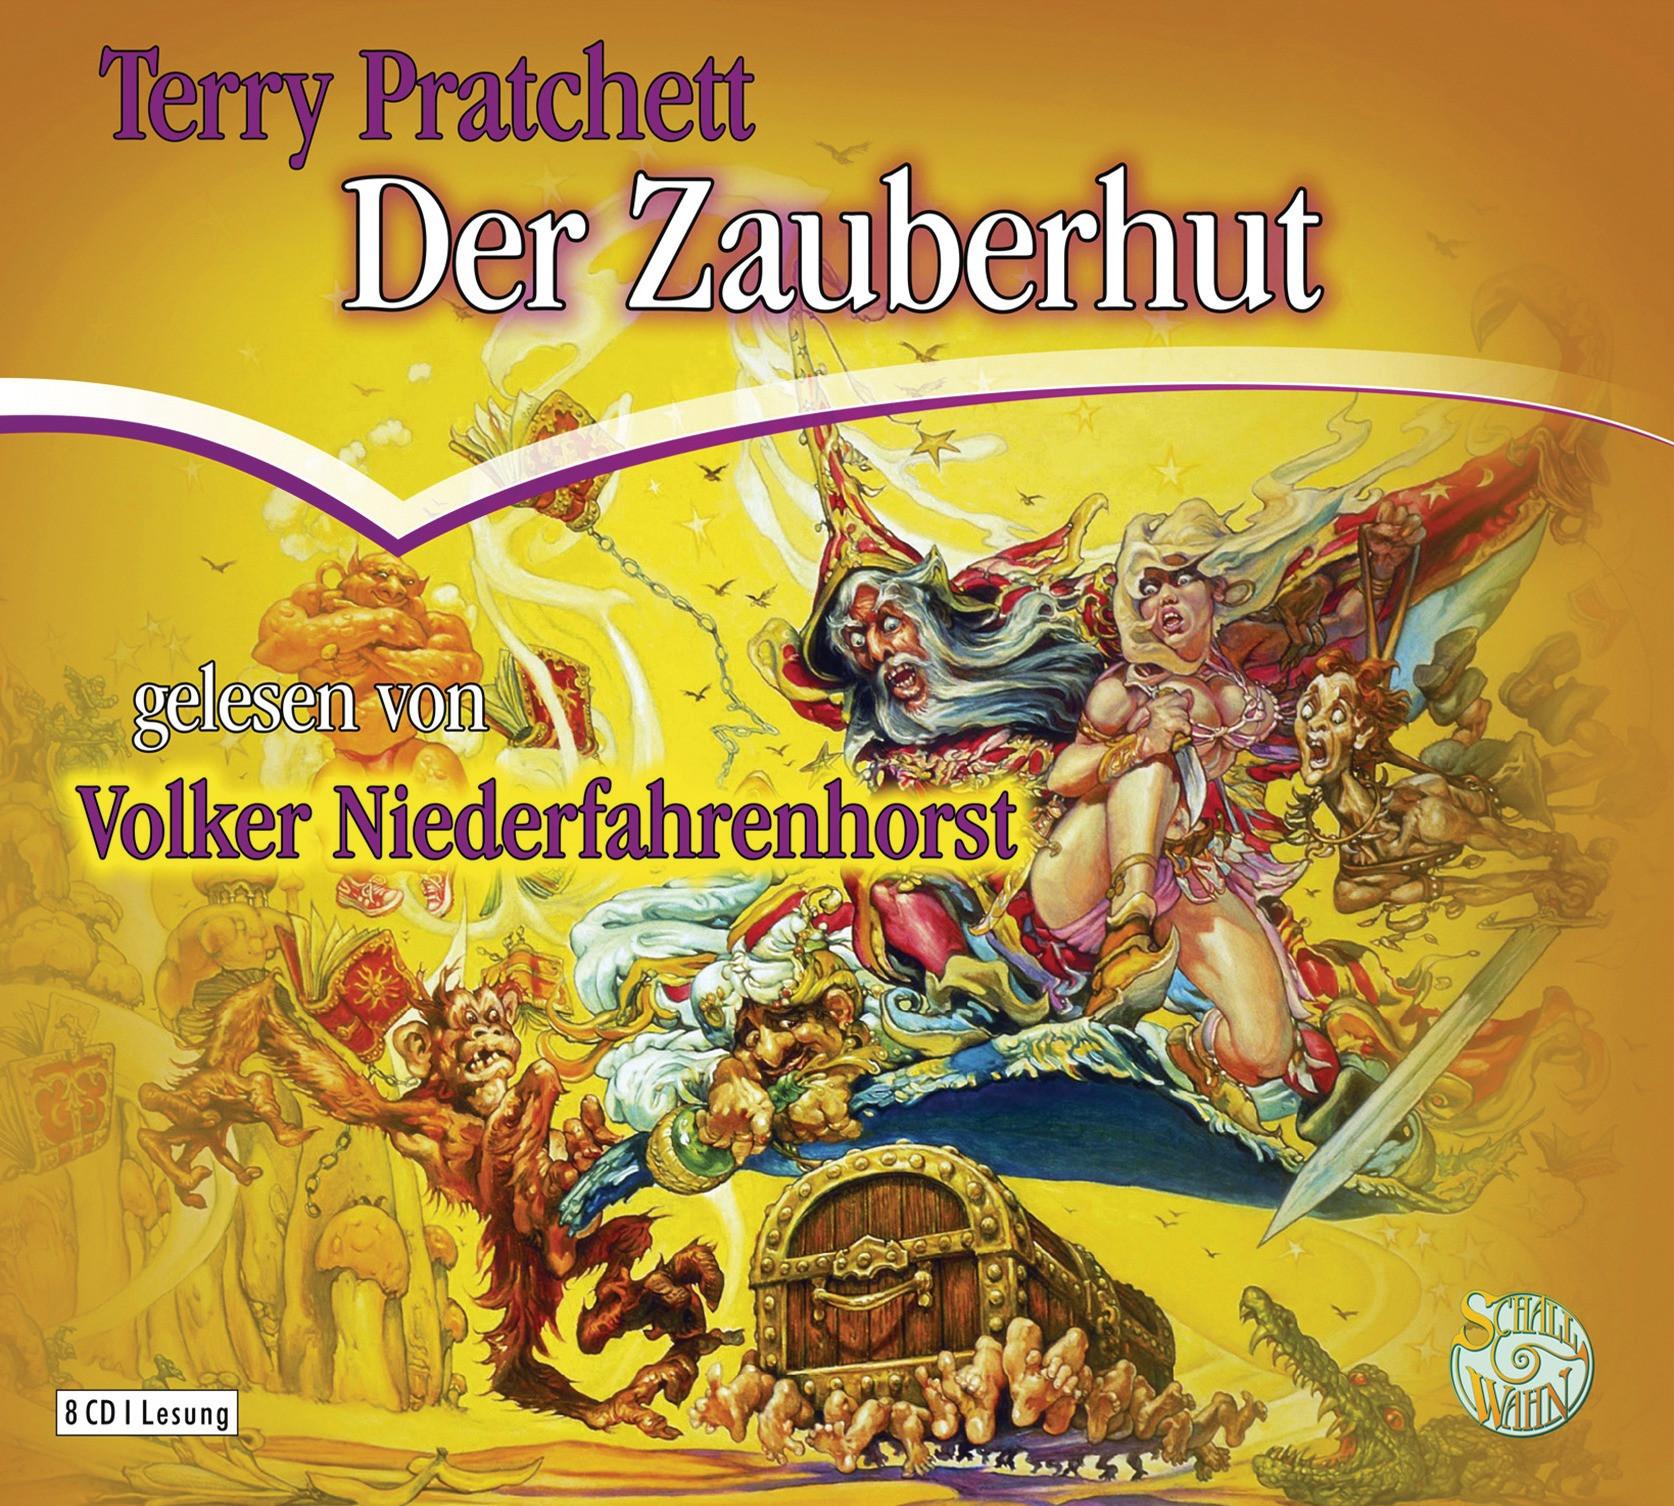 Terry Pratchett - Der Zauberhut